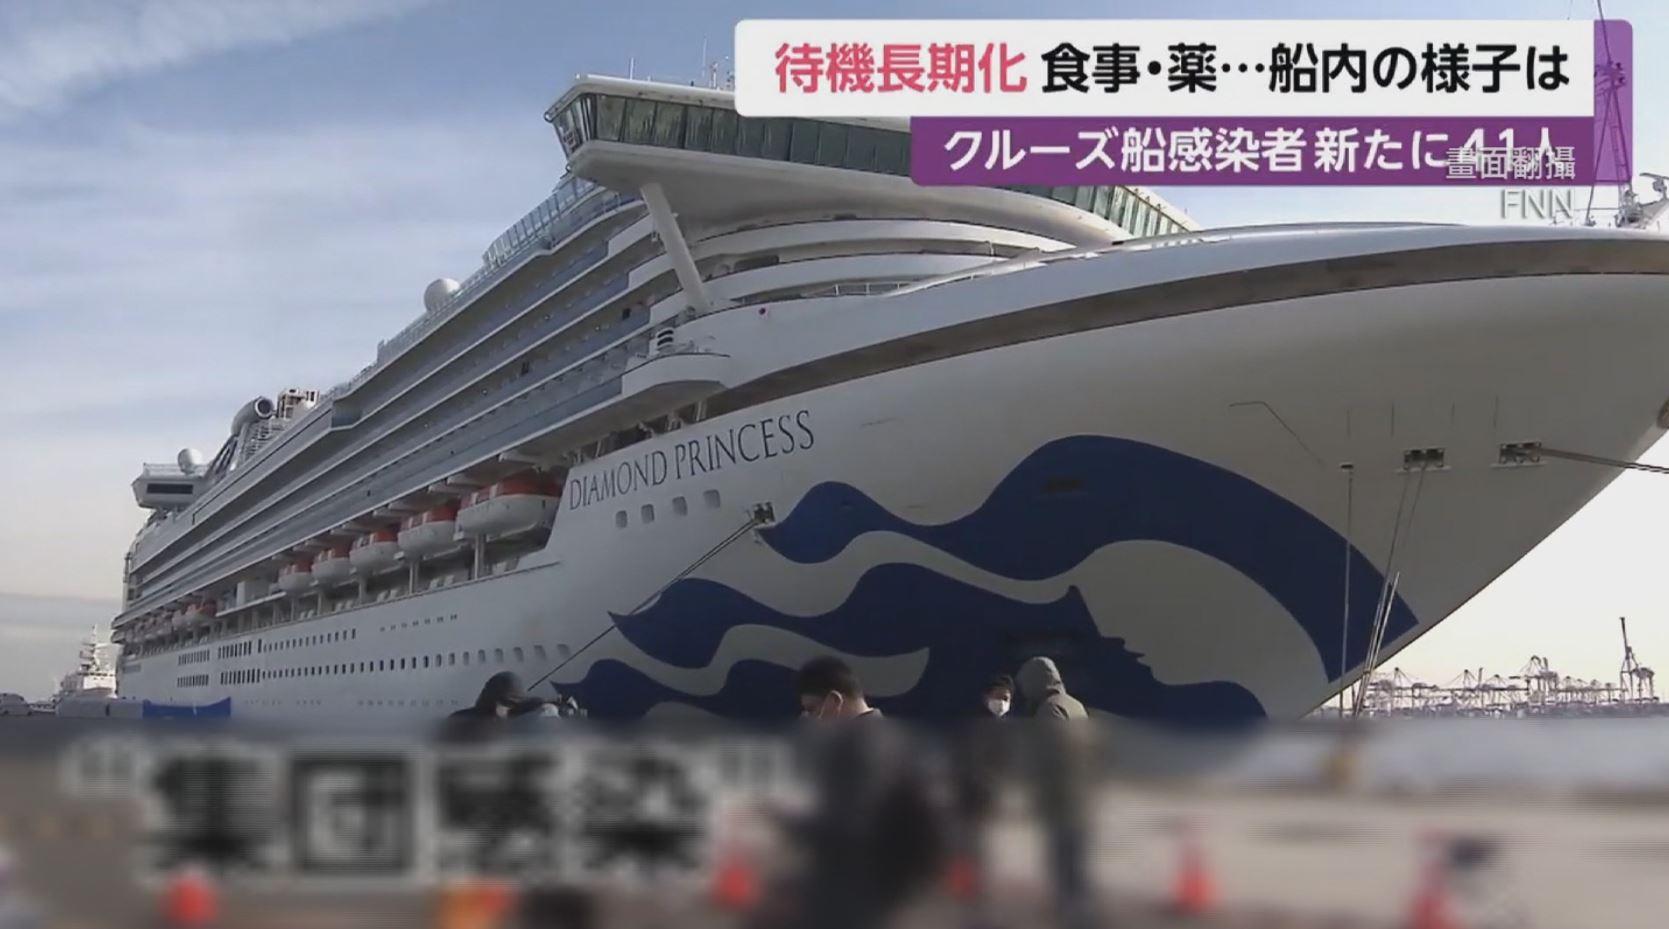 「鑽石公主號」重演? 神戶港爆10船員確診